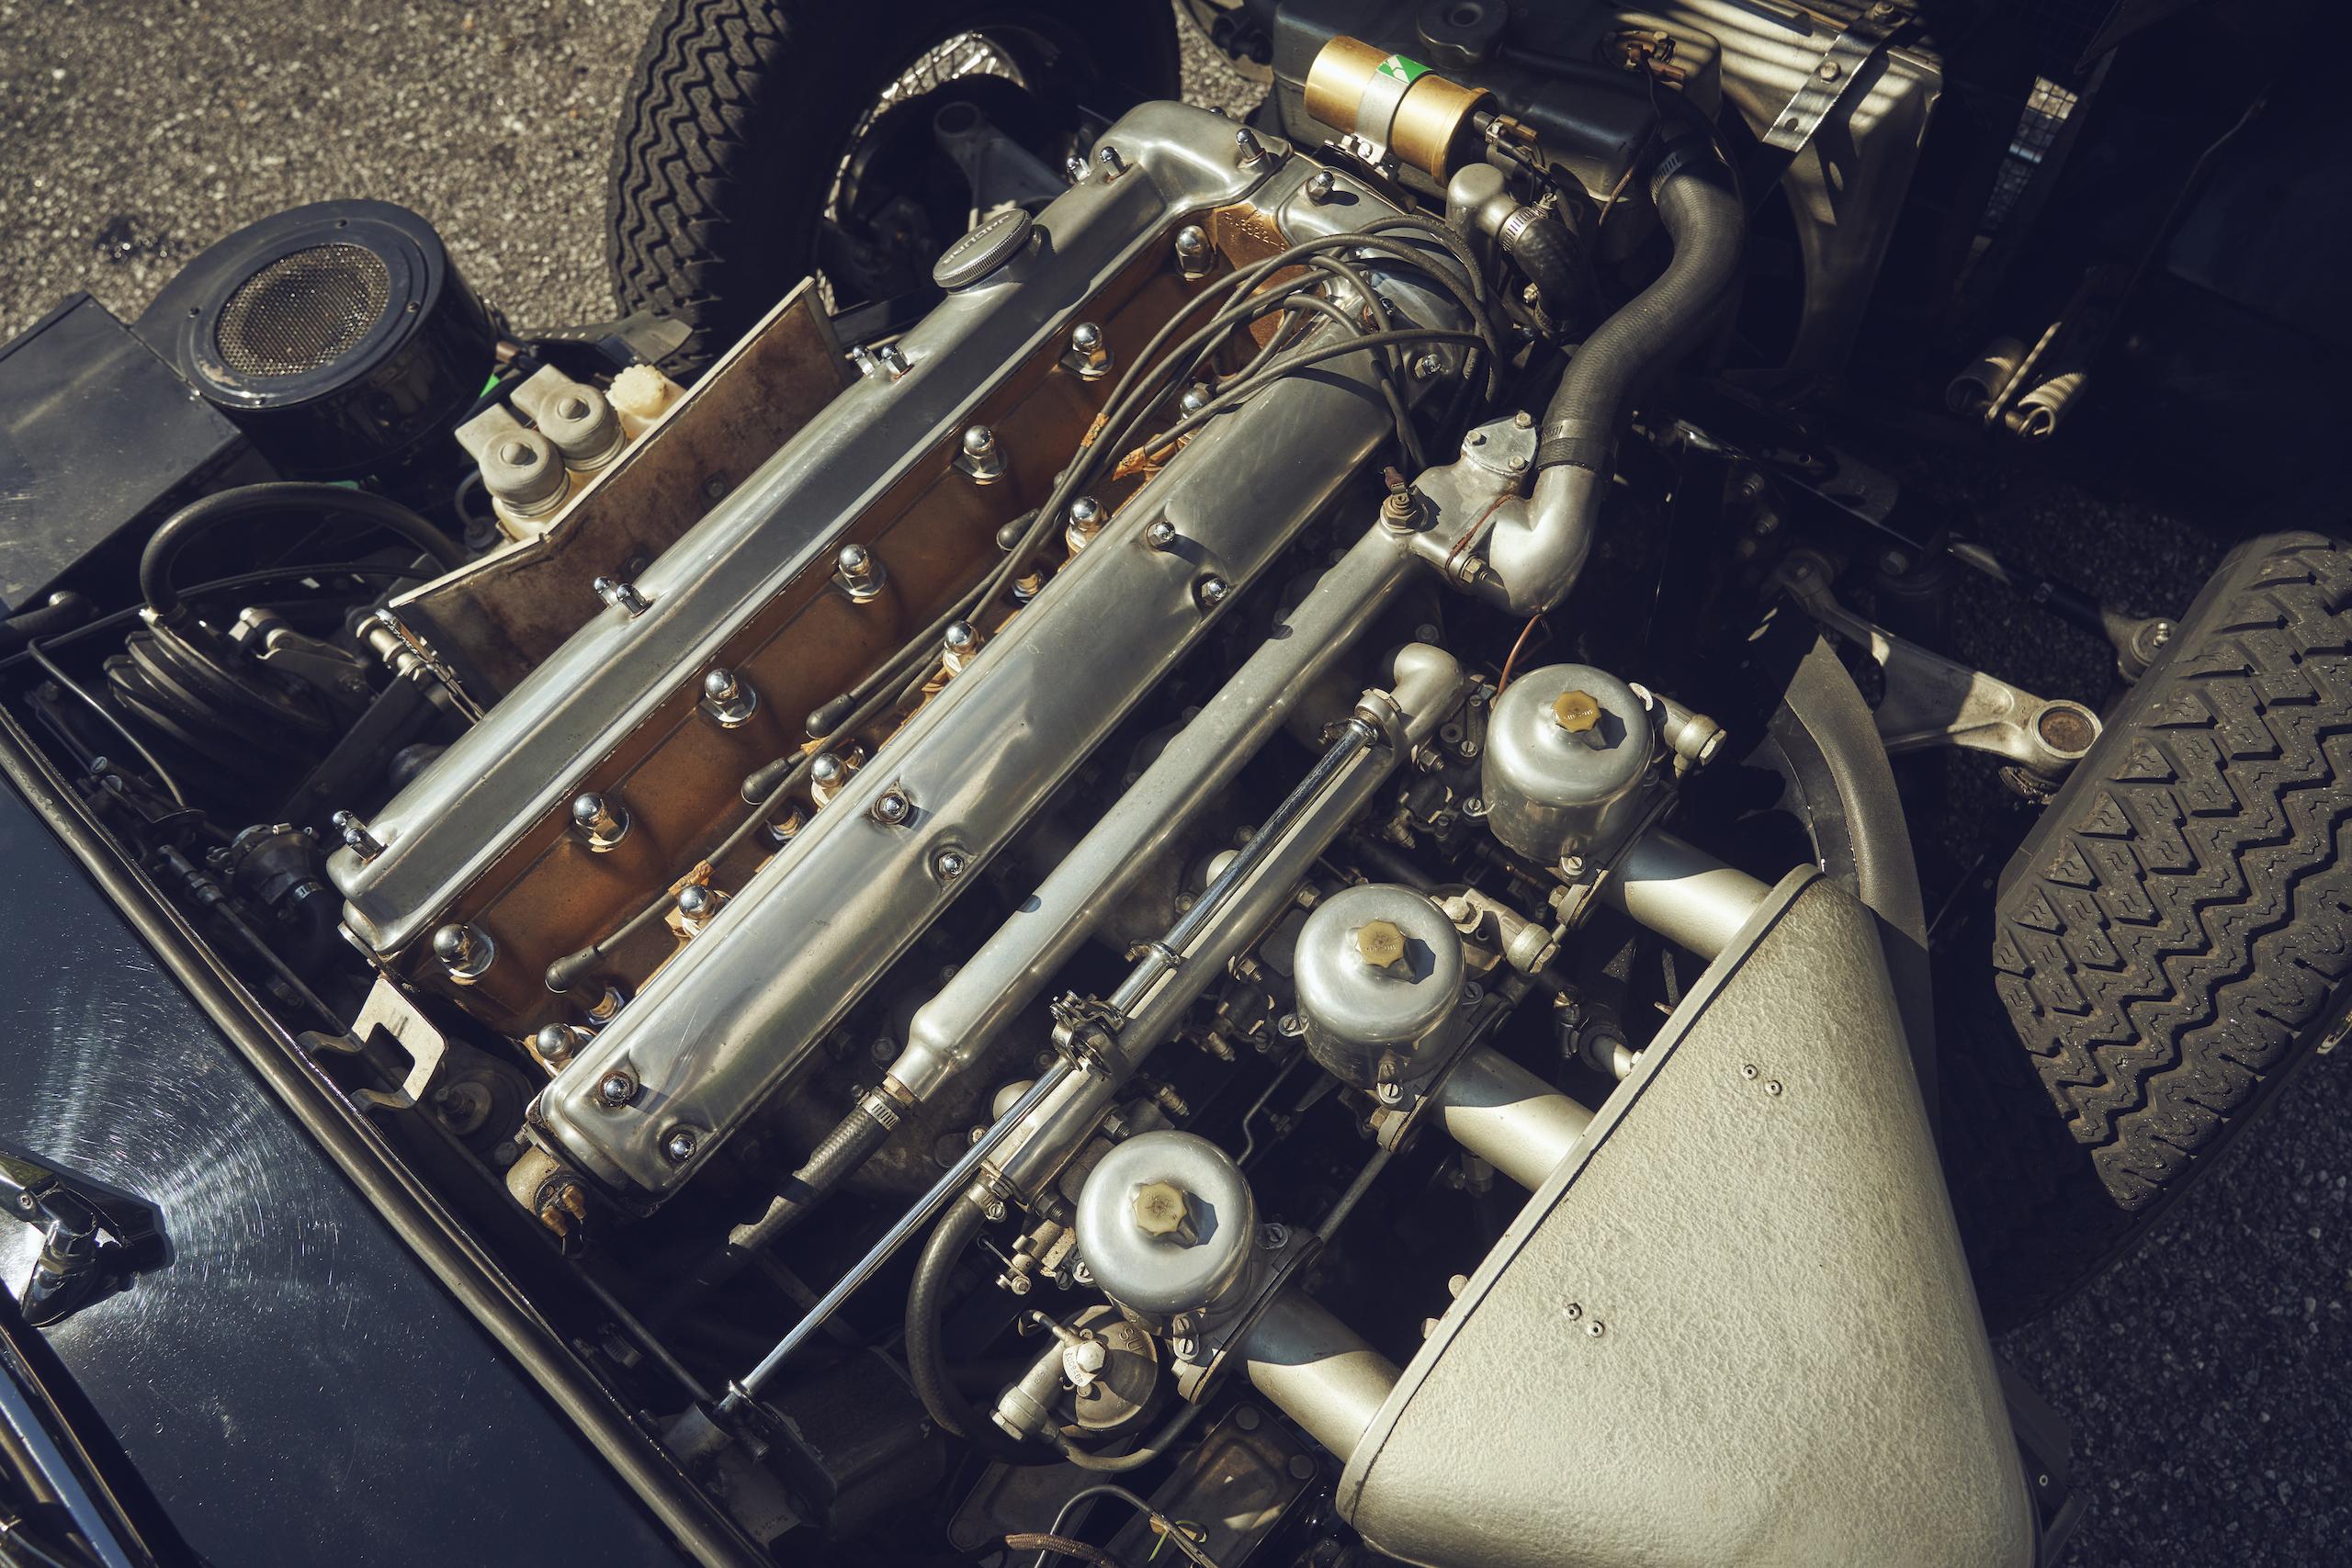 Jaguar E-Type engine overhead